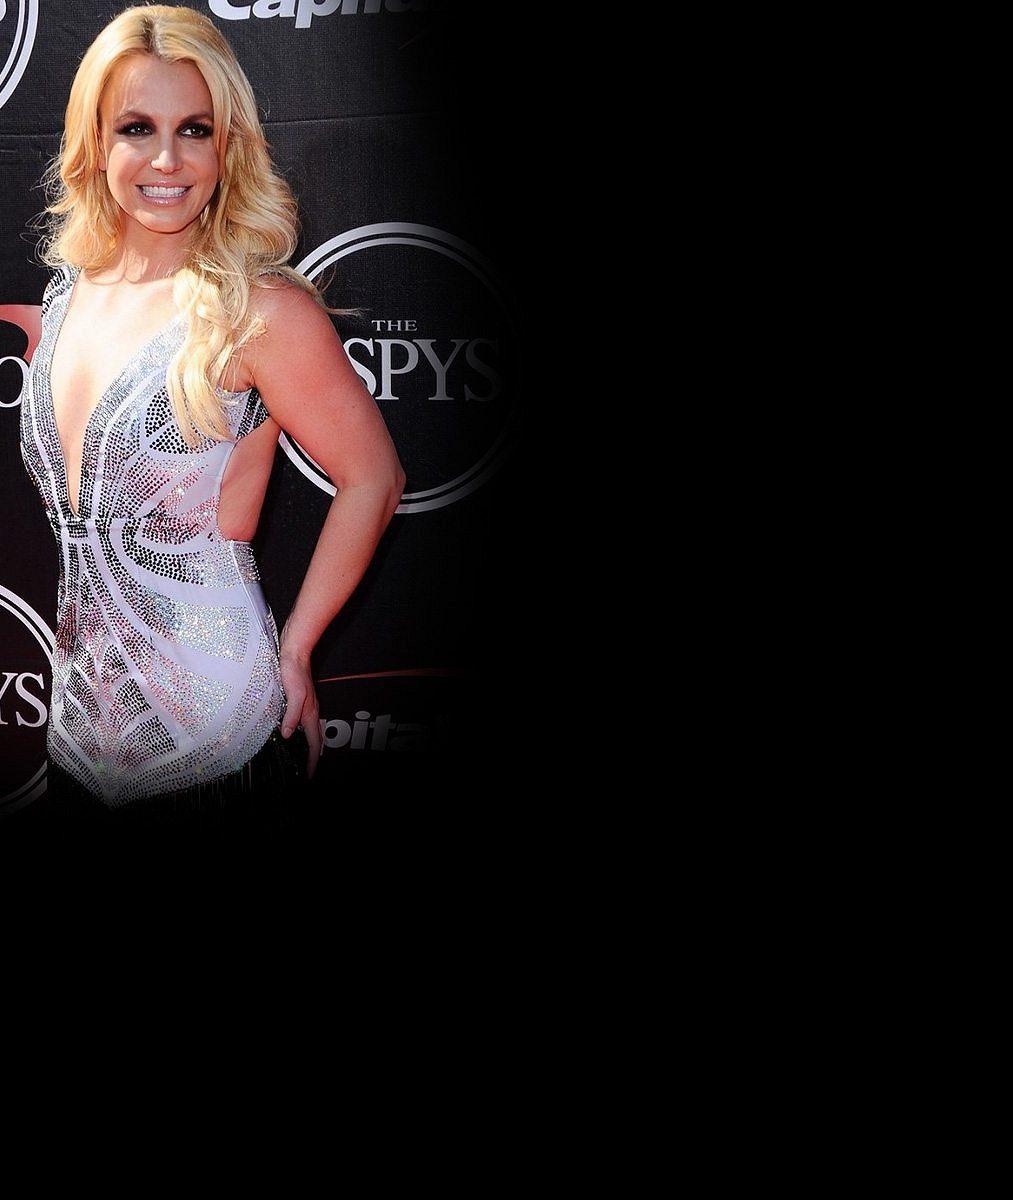 Britney Spears šla do bikin a na pláži předvedla pružné tělo, které ji stálo spoustu potu